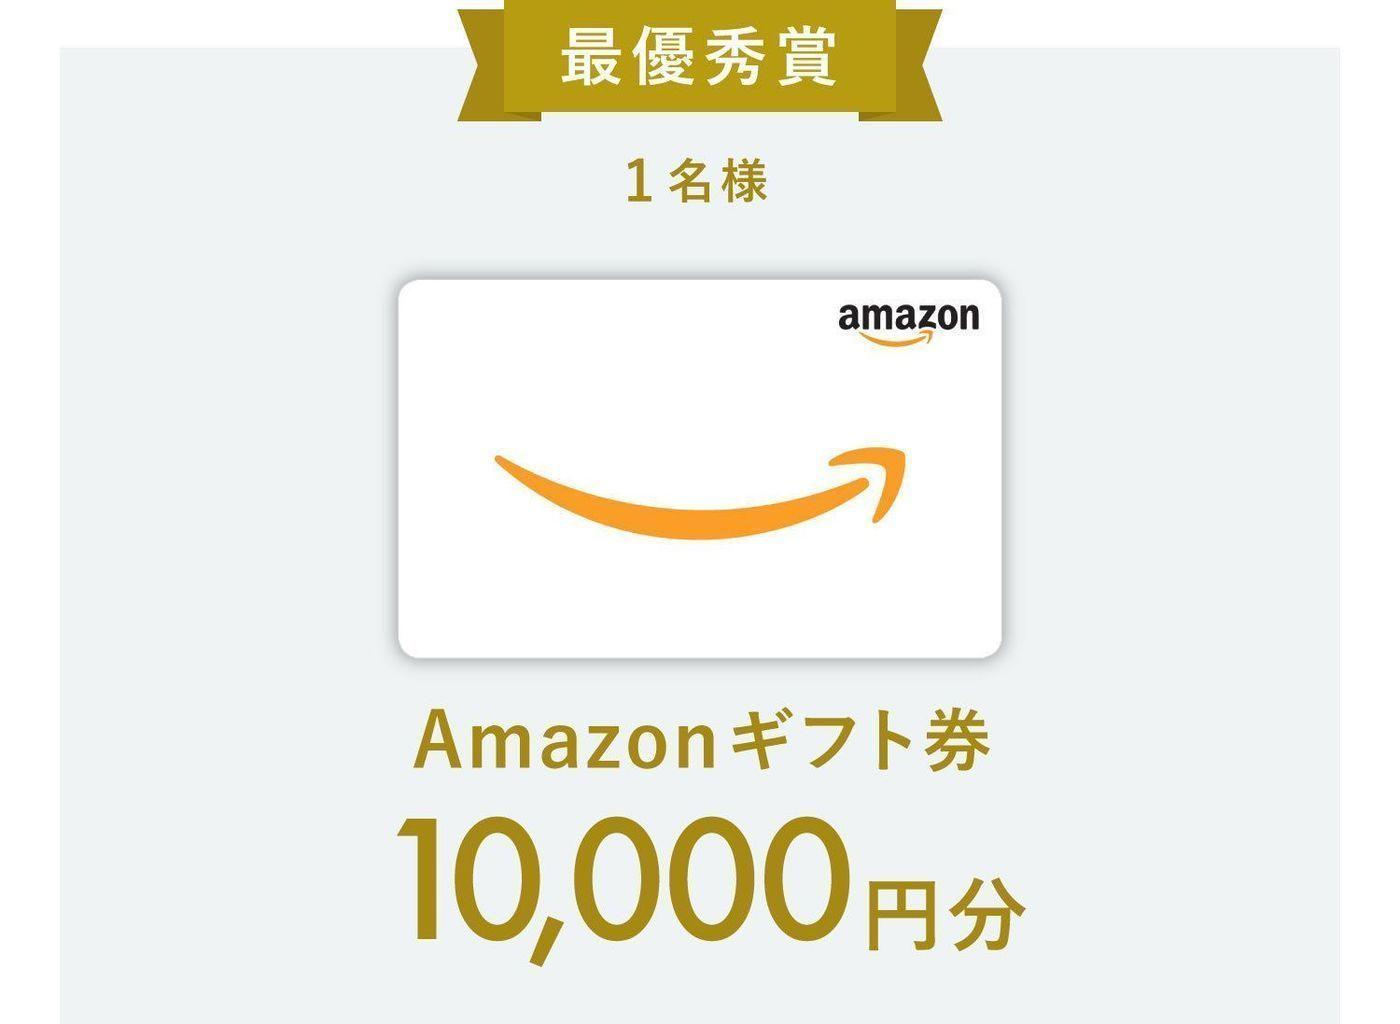 【最大1万円分】ギフト券が当たる!「#春」キャンペーンの4枚目の画像